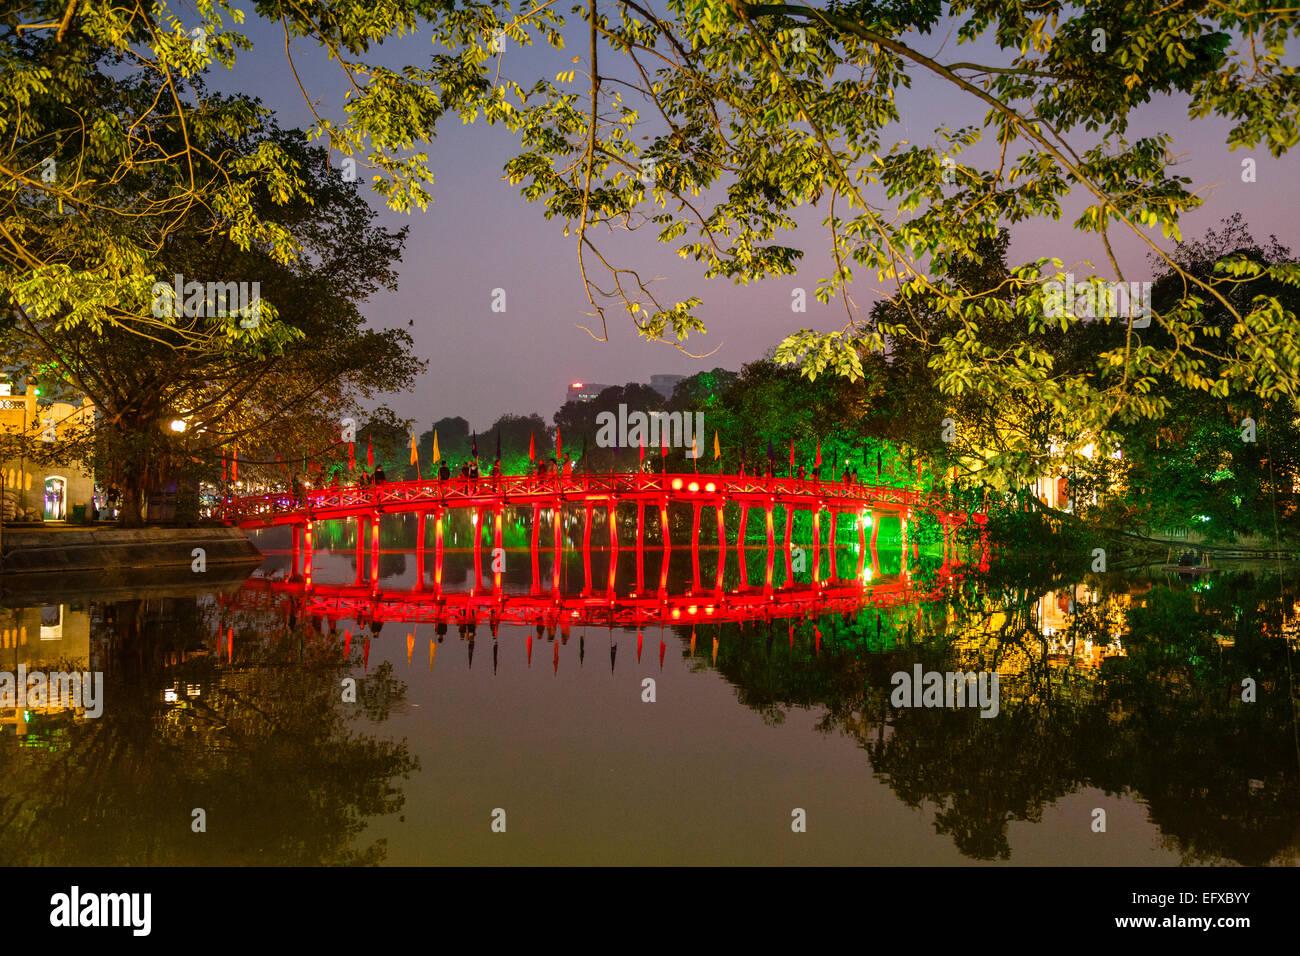 El lago Hoan Kiem en el barrio antiguo de Hanoi, Vietnam. Imagen De Stock